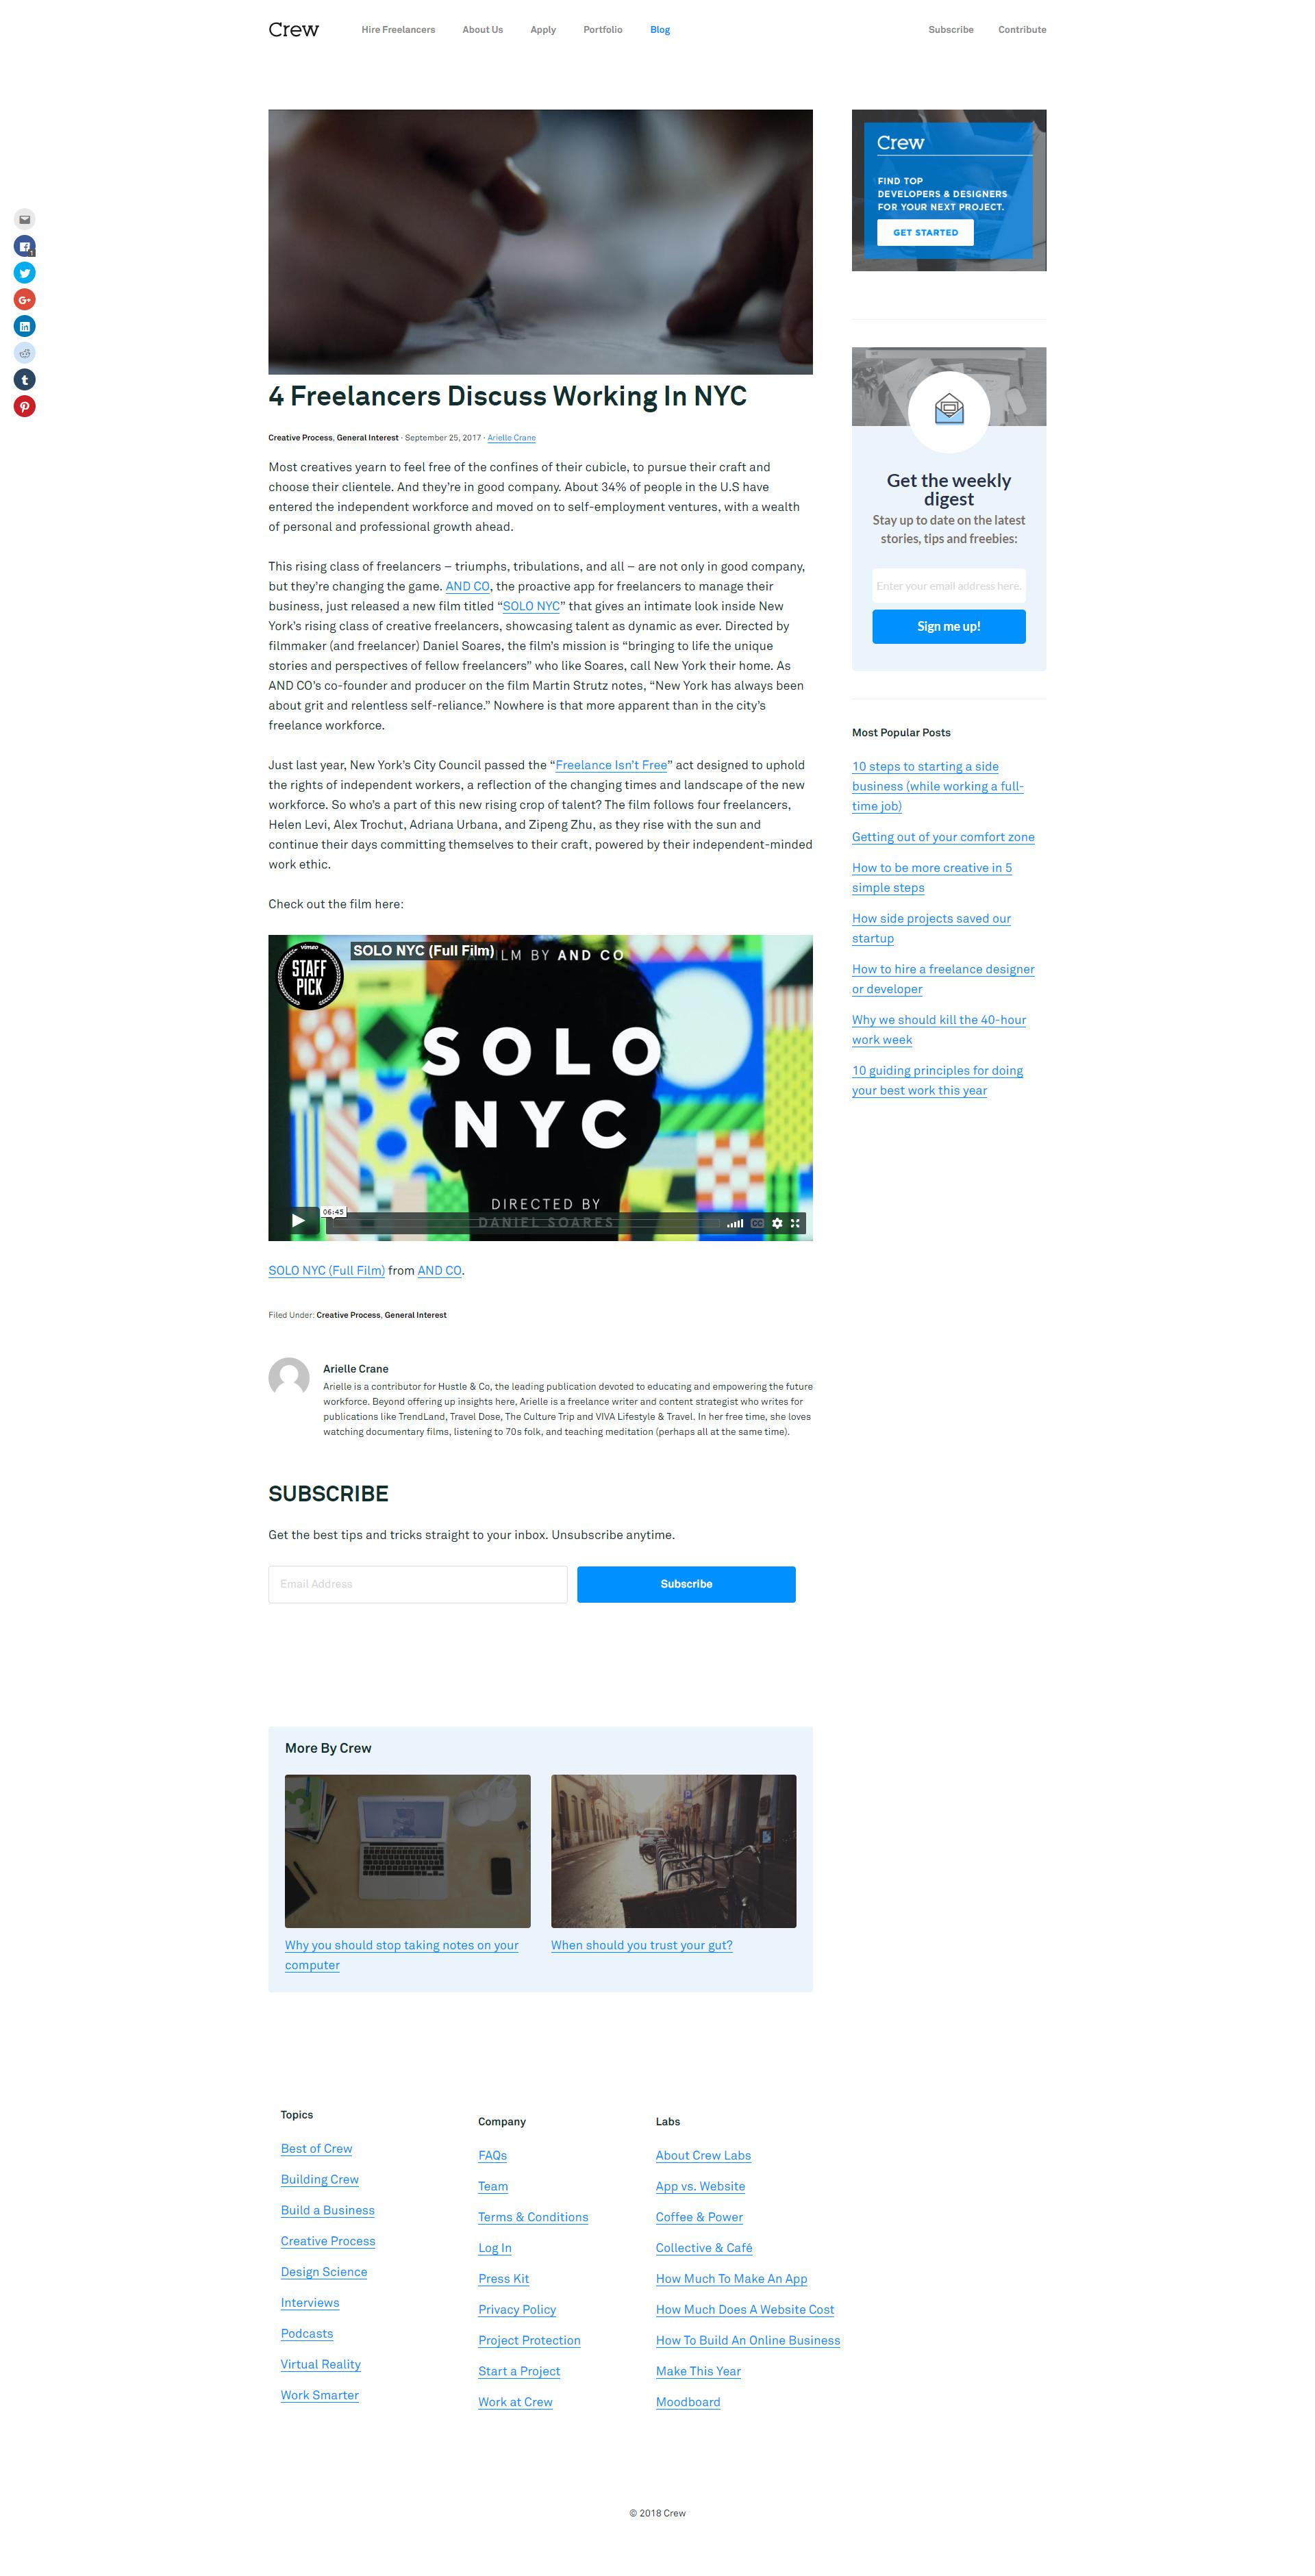 Crew Article Design Article Design Design Web Design Inspiration